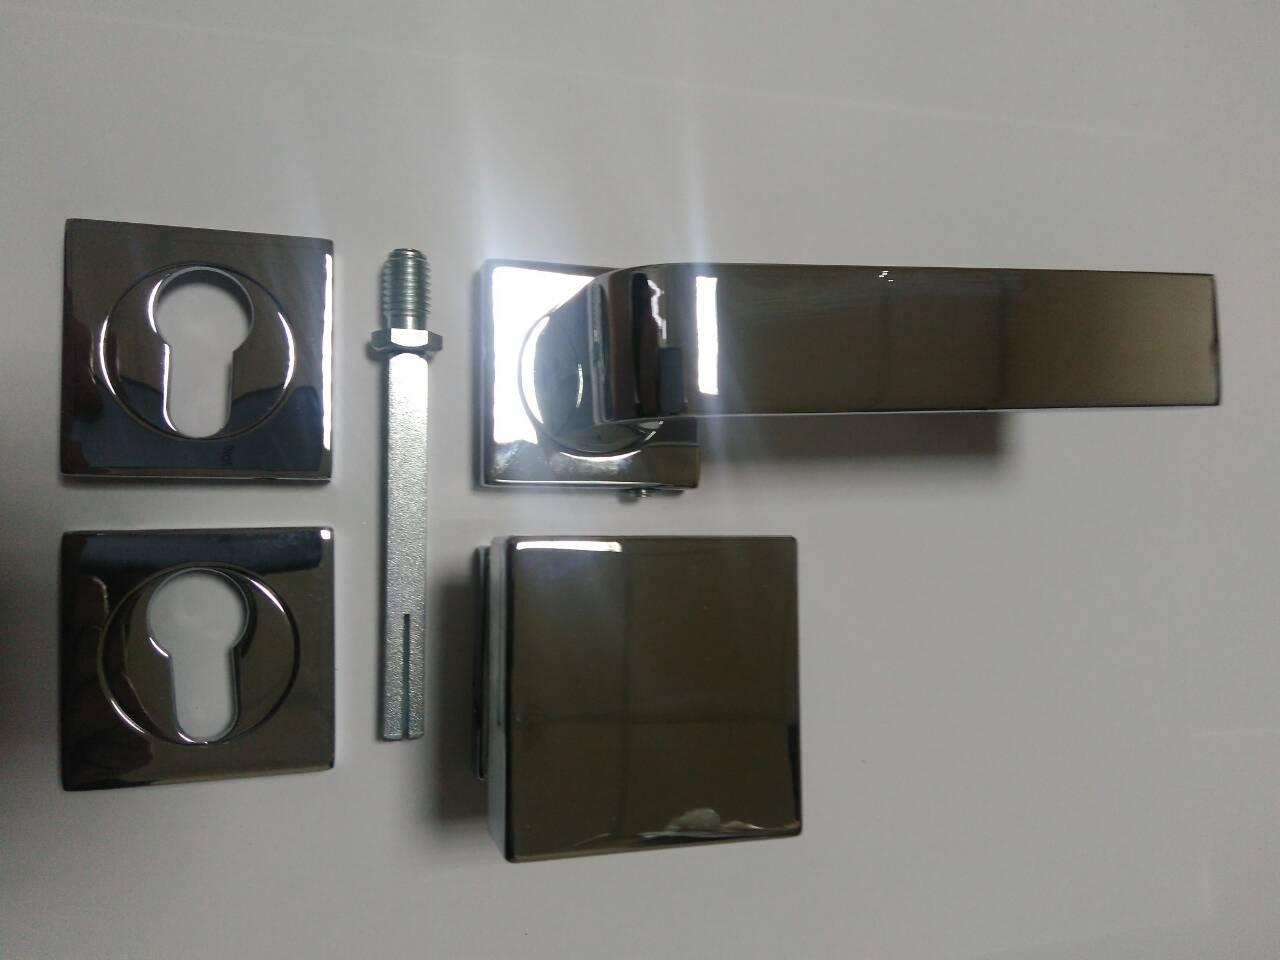 Комплект Fimet Ring для входной двери (ручка,кноб,накладки под цилиндр,квадрат) хром